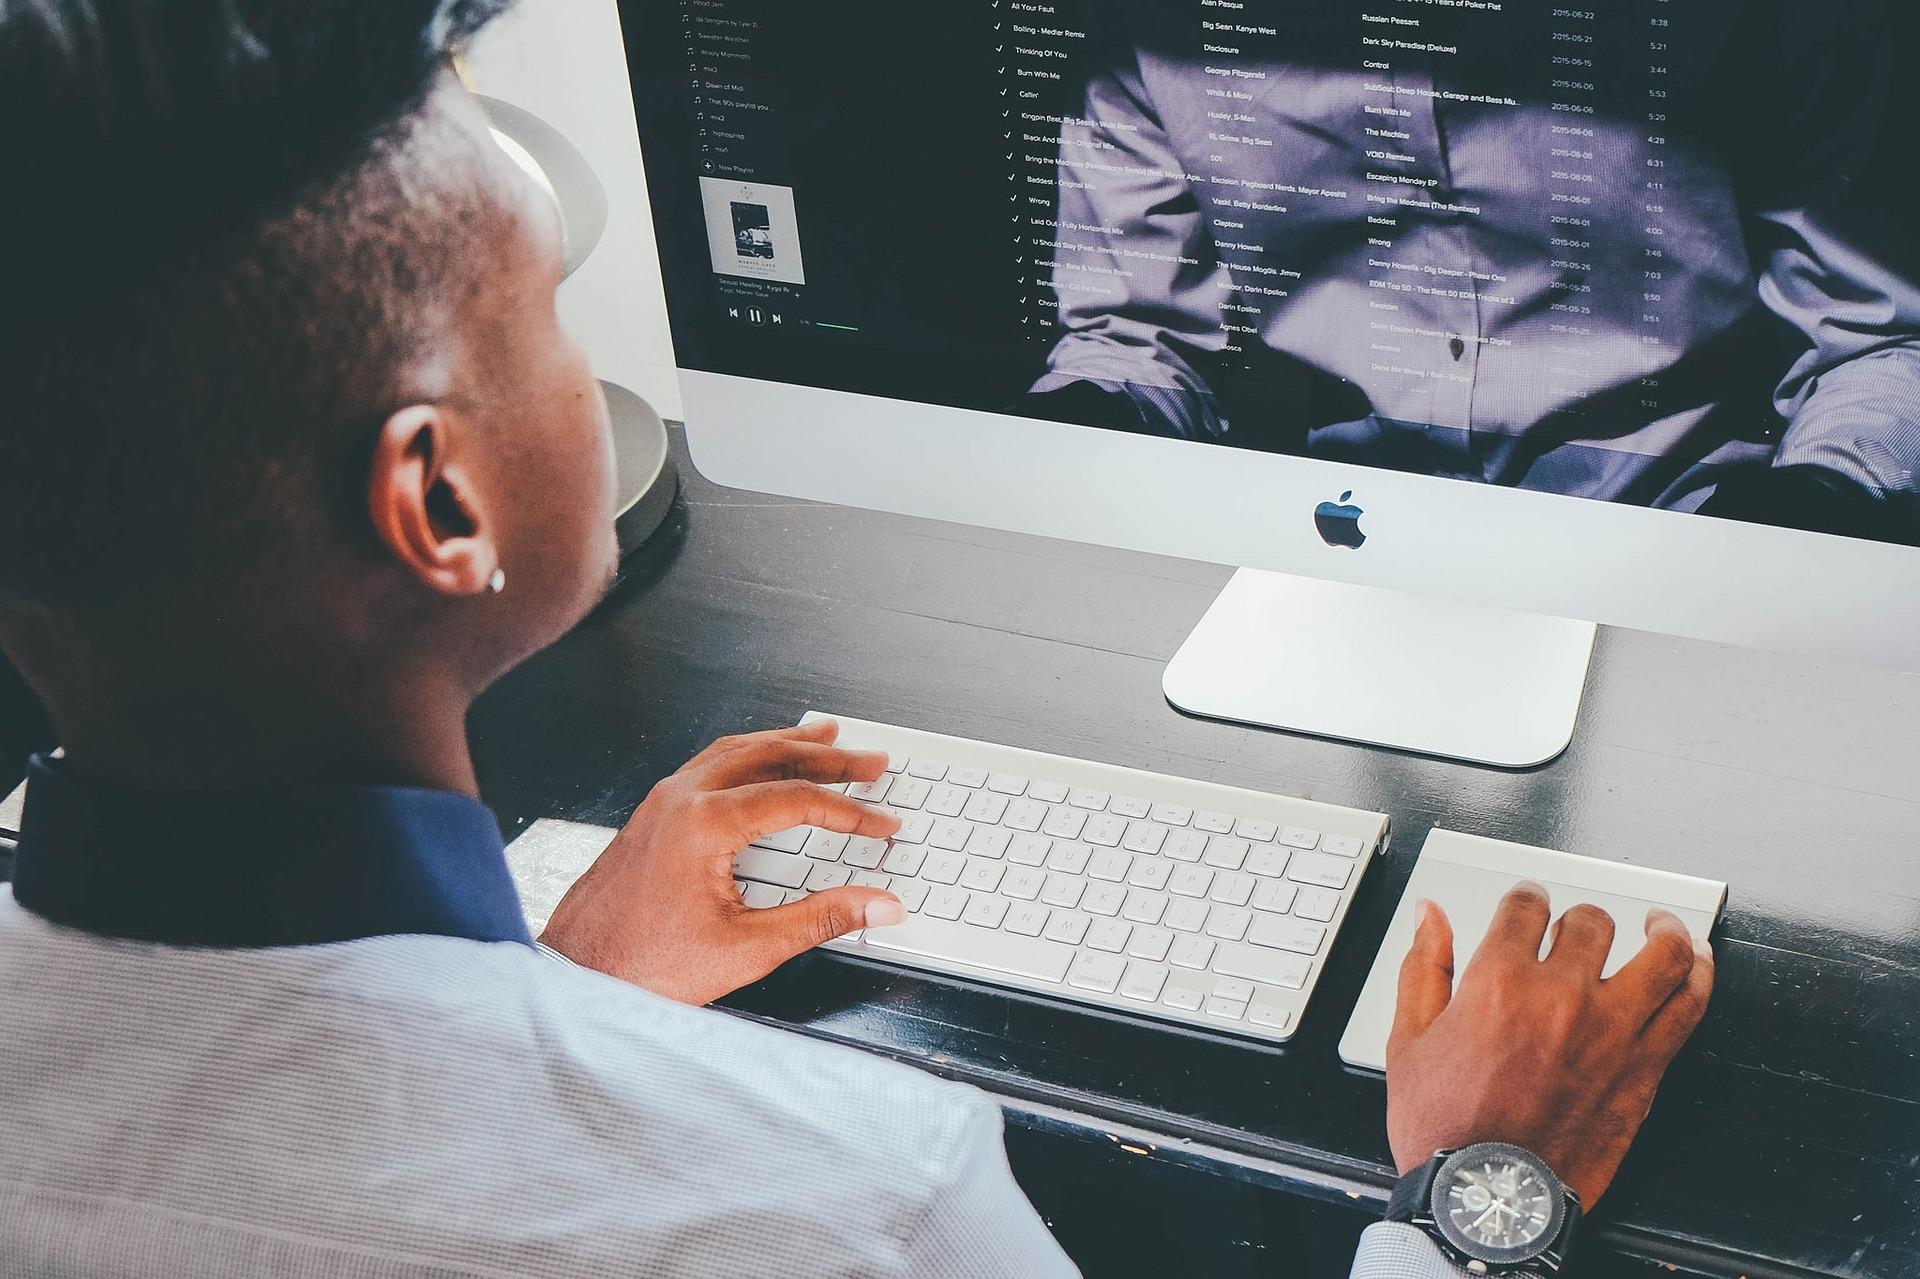 Les 7 étapes pour bien écrire un business plan